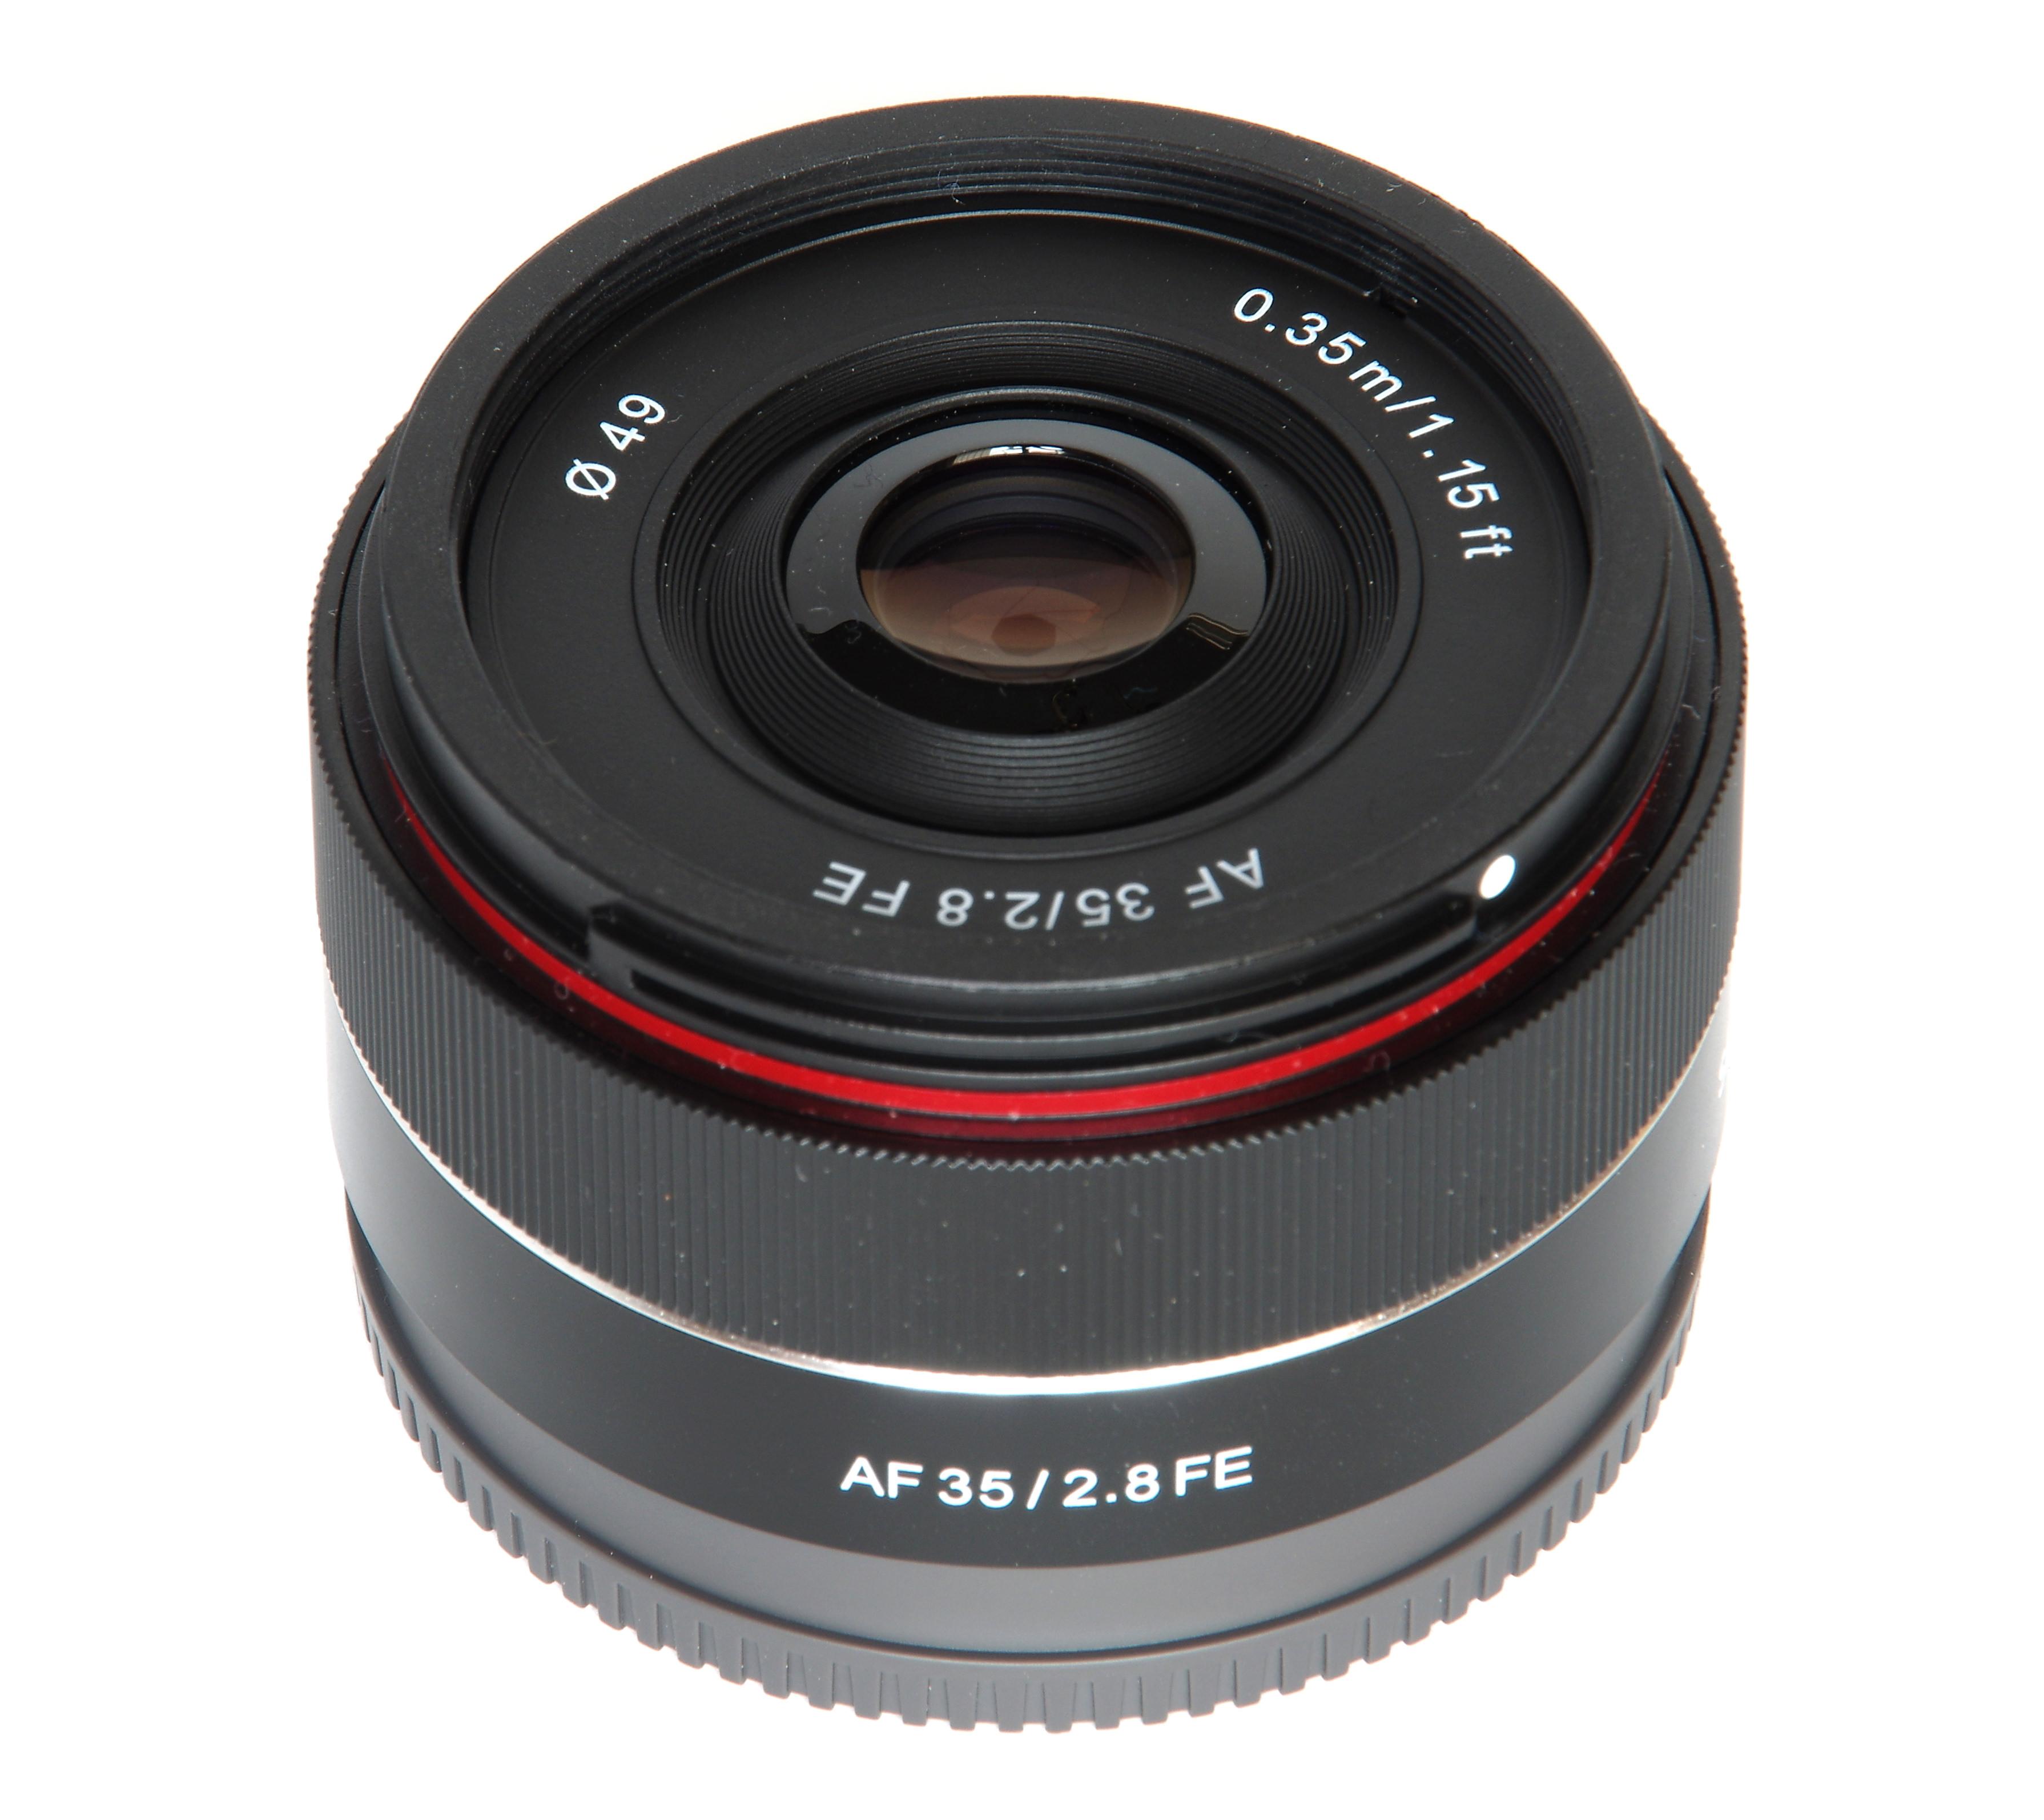 35 Reviews: Samyang AF 35mm F/2.8 FE Review